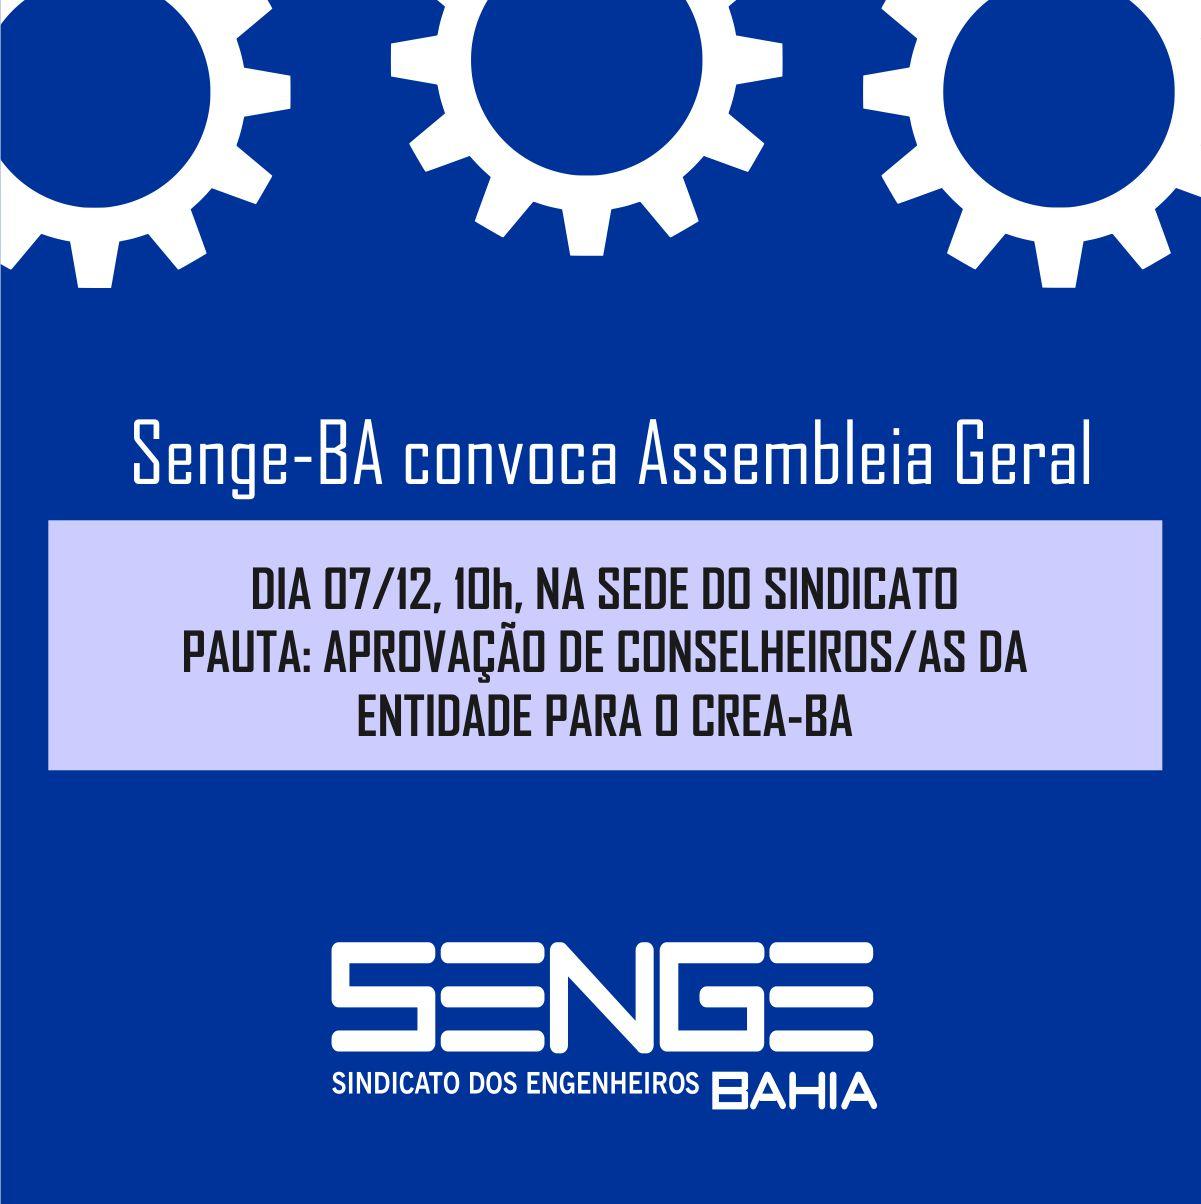 Senge-BA convoca Assembleia Geral para o dia 07 de dezembro